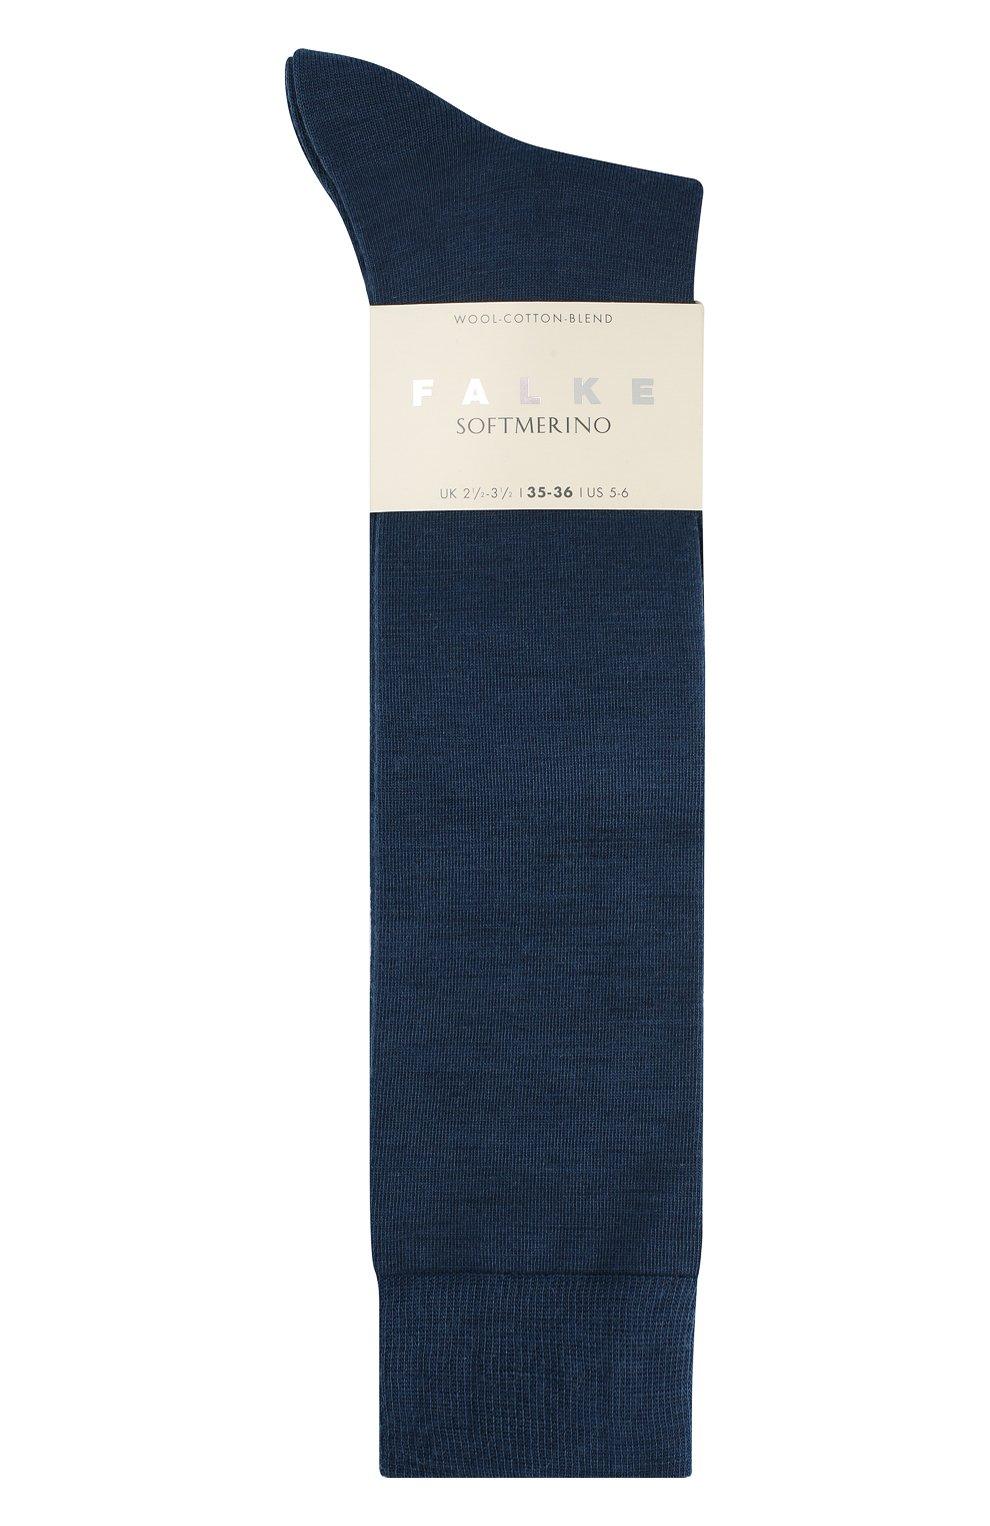 Женские гольфы softmerino из смеси шерсти и хлопка FALKE синего цвета, арт. 47438_18_   Фото 3